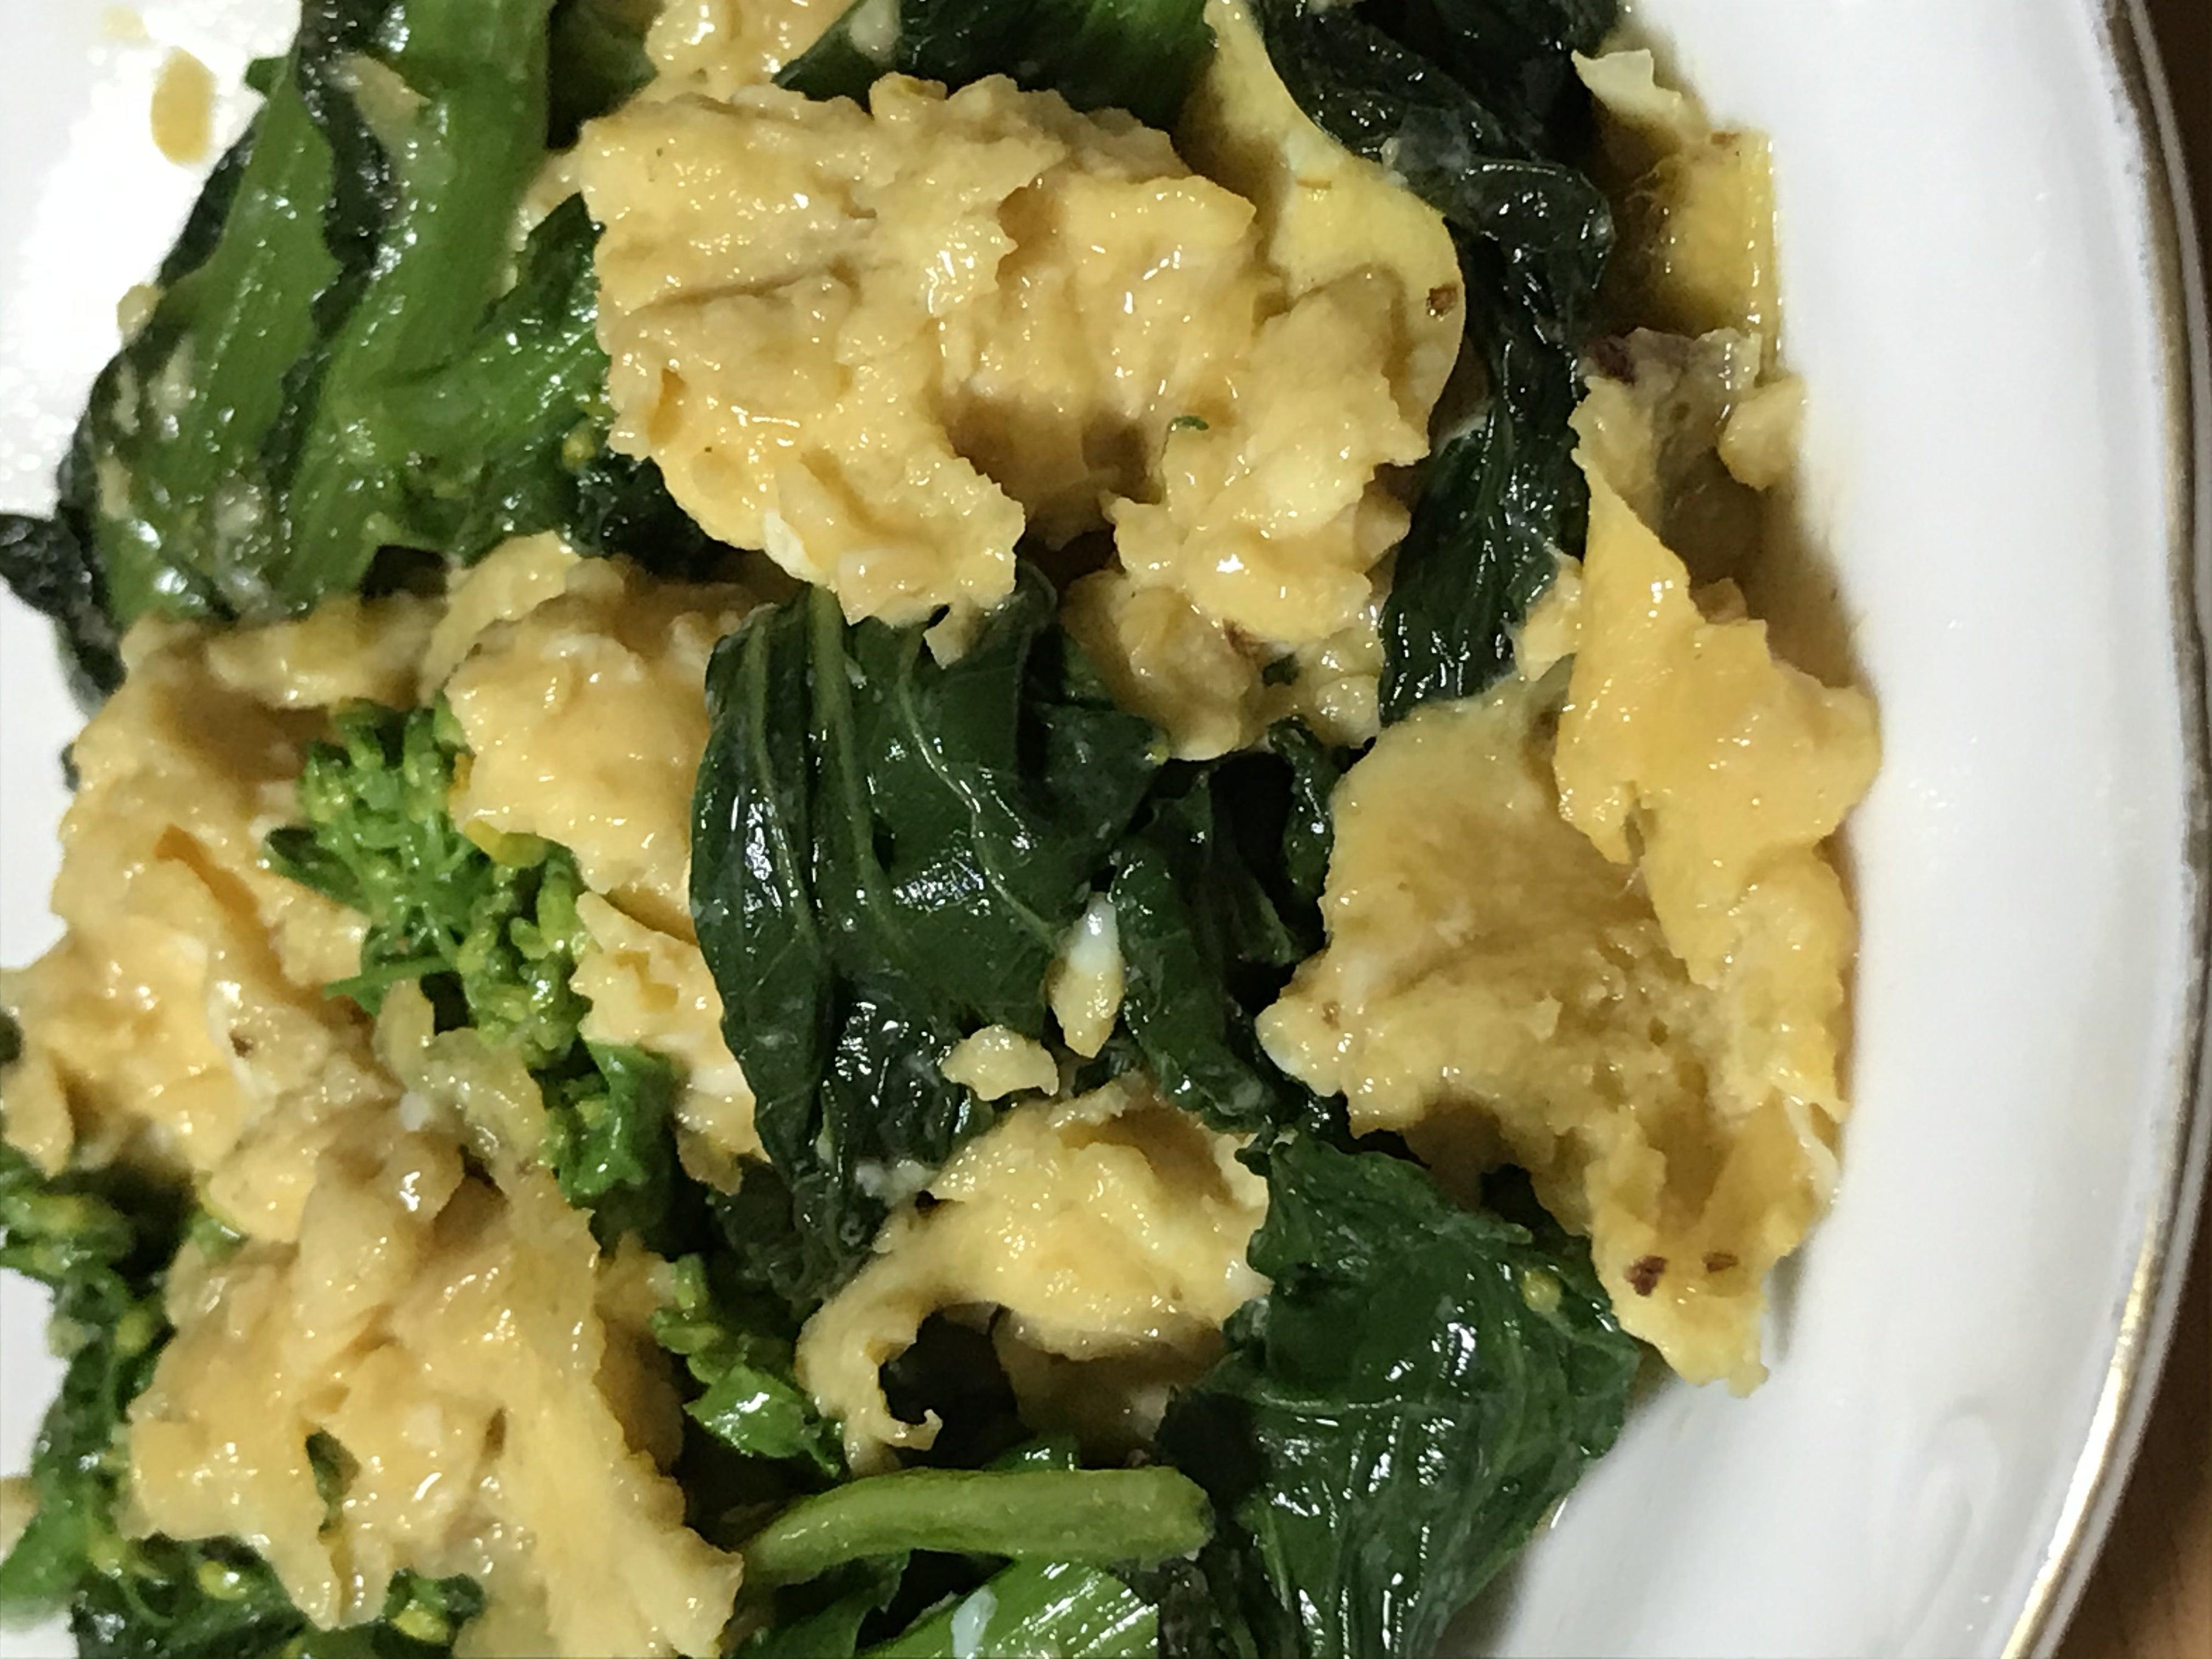 薬食同源・・菜の花と卵のレシピ